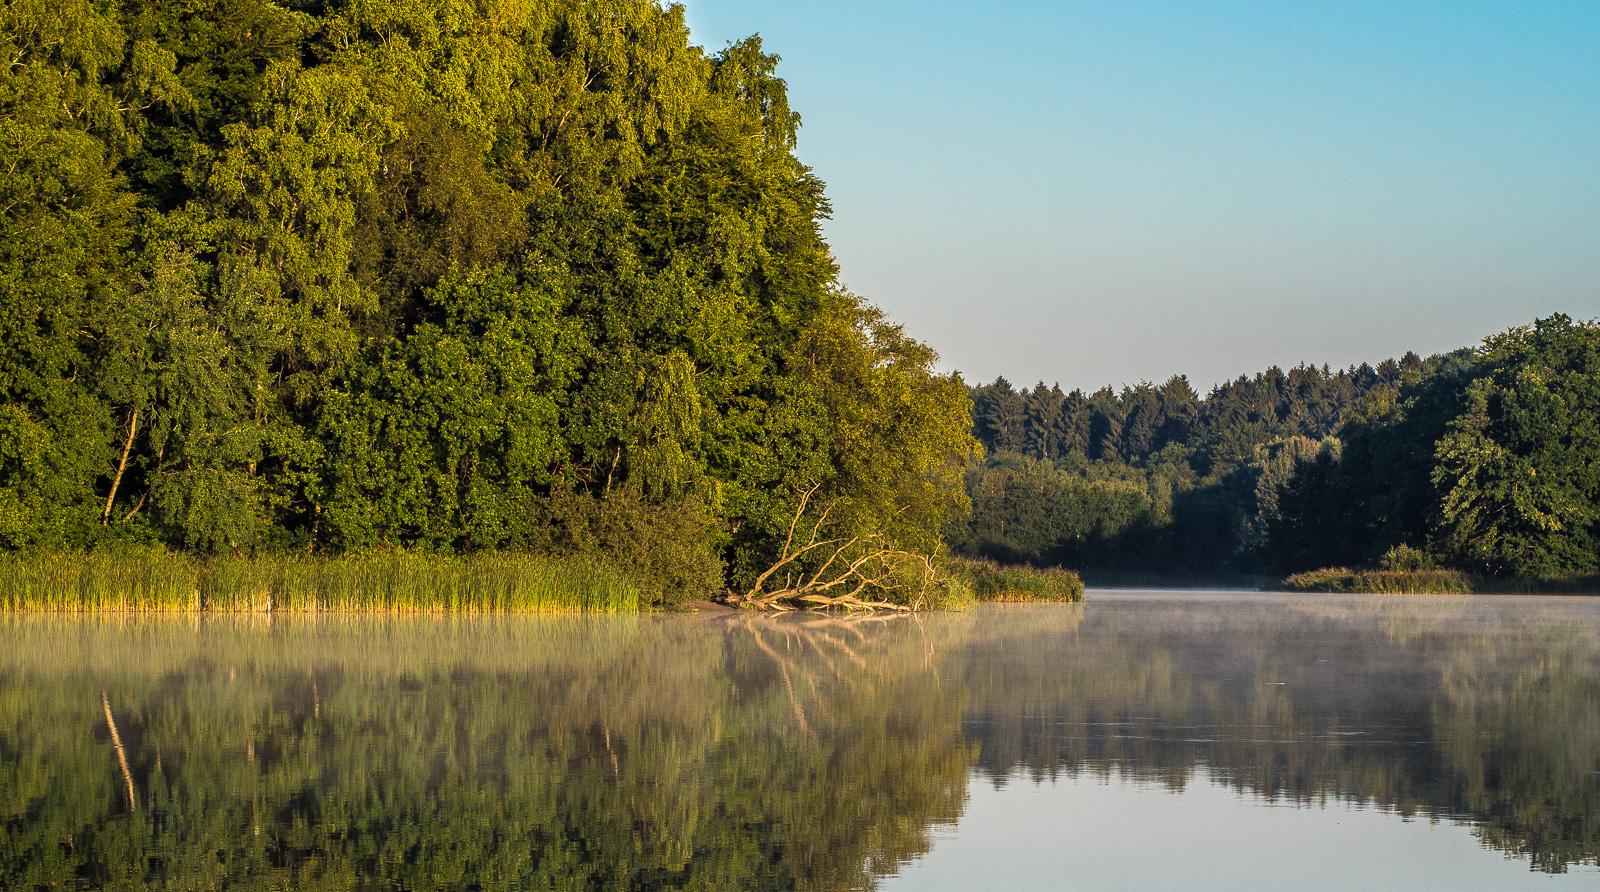 Derselbe Teich, ein anderer Blickwinkel. Mit der Sonne im Rücken sieht es gleich viel weniger verzaubert aus.